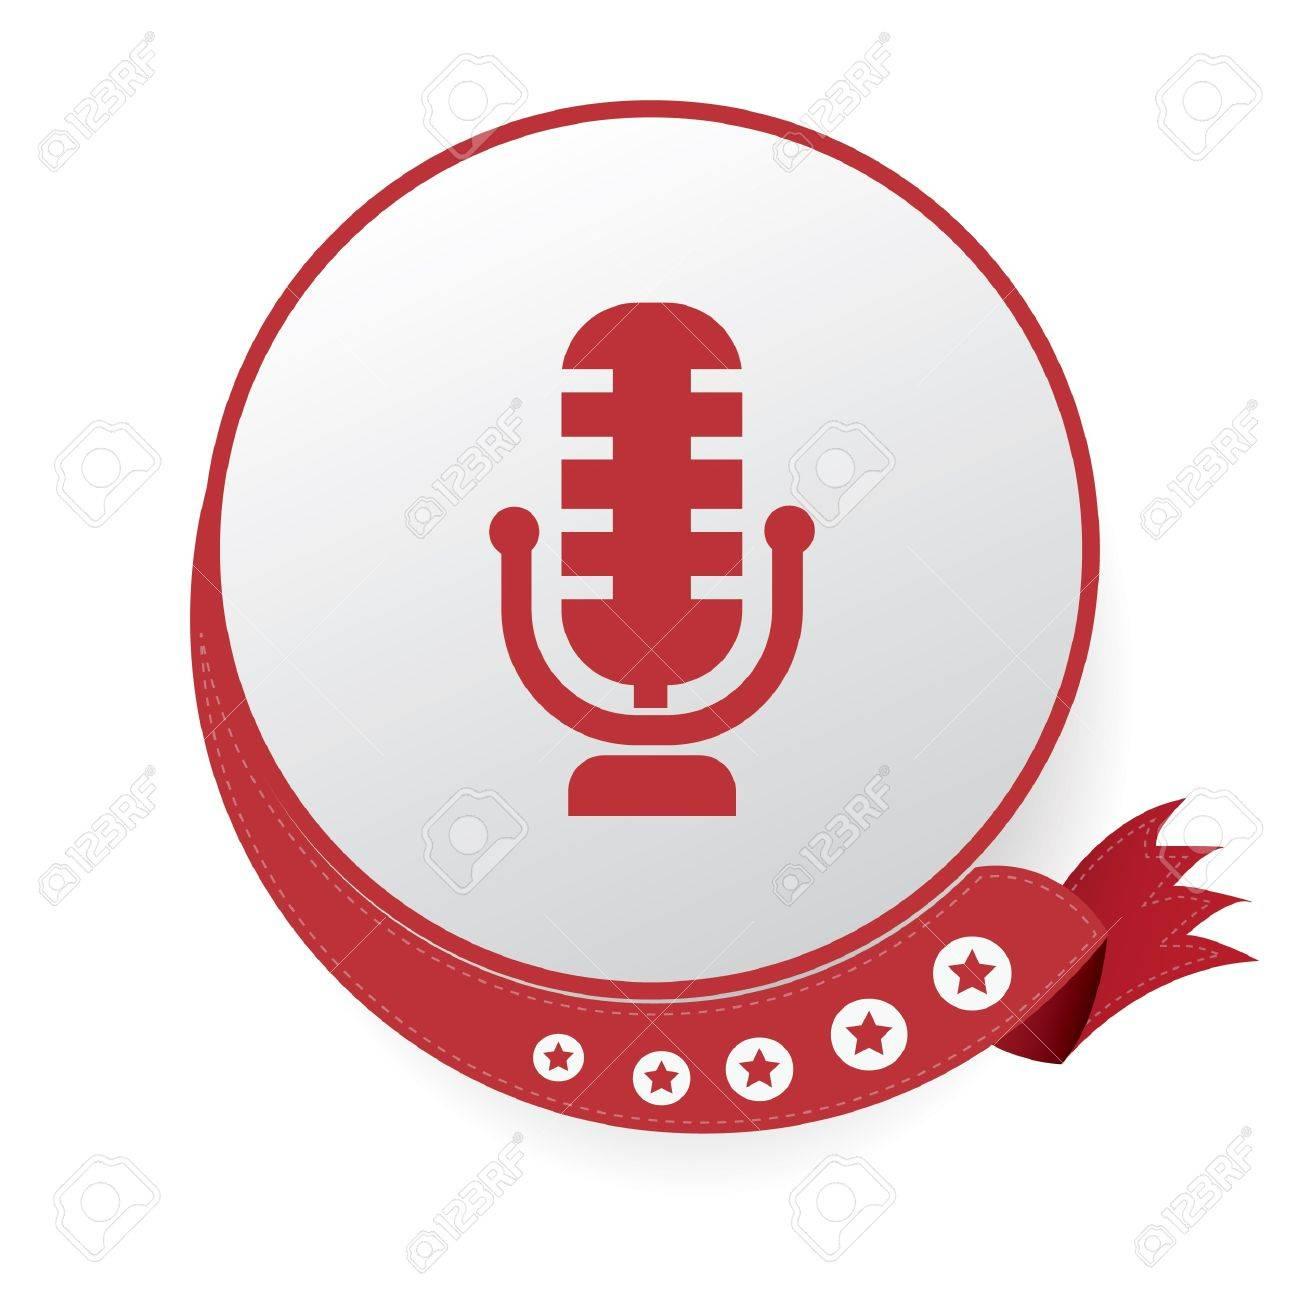 Ziemlich Symbol Mikrofon Bilder - Elektrische Schaltplan-Ideen ...